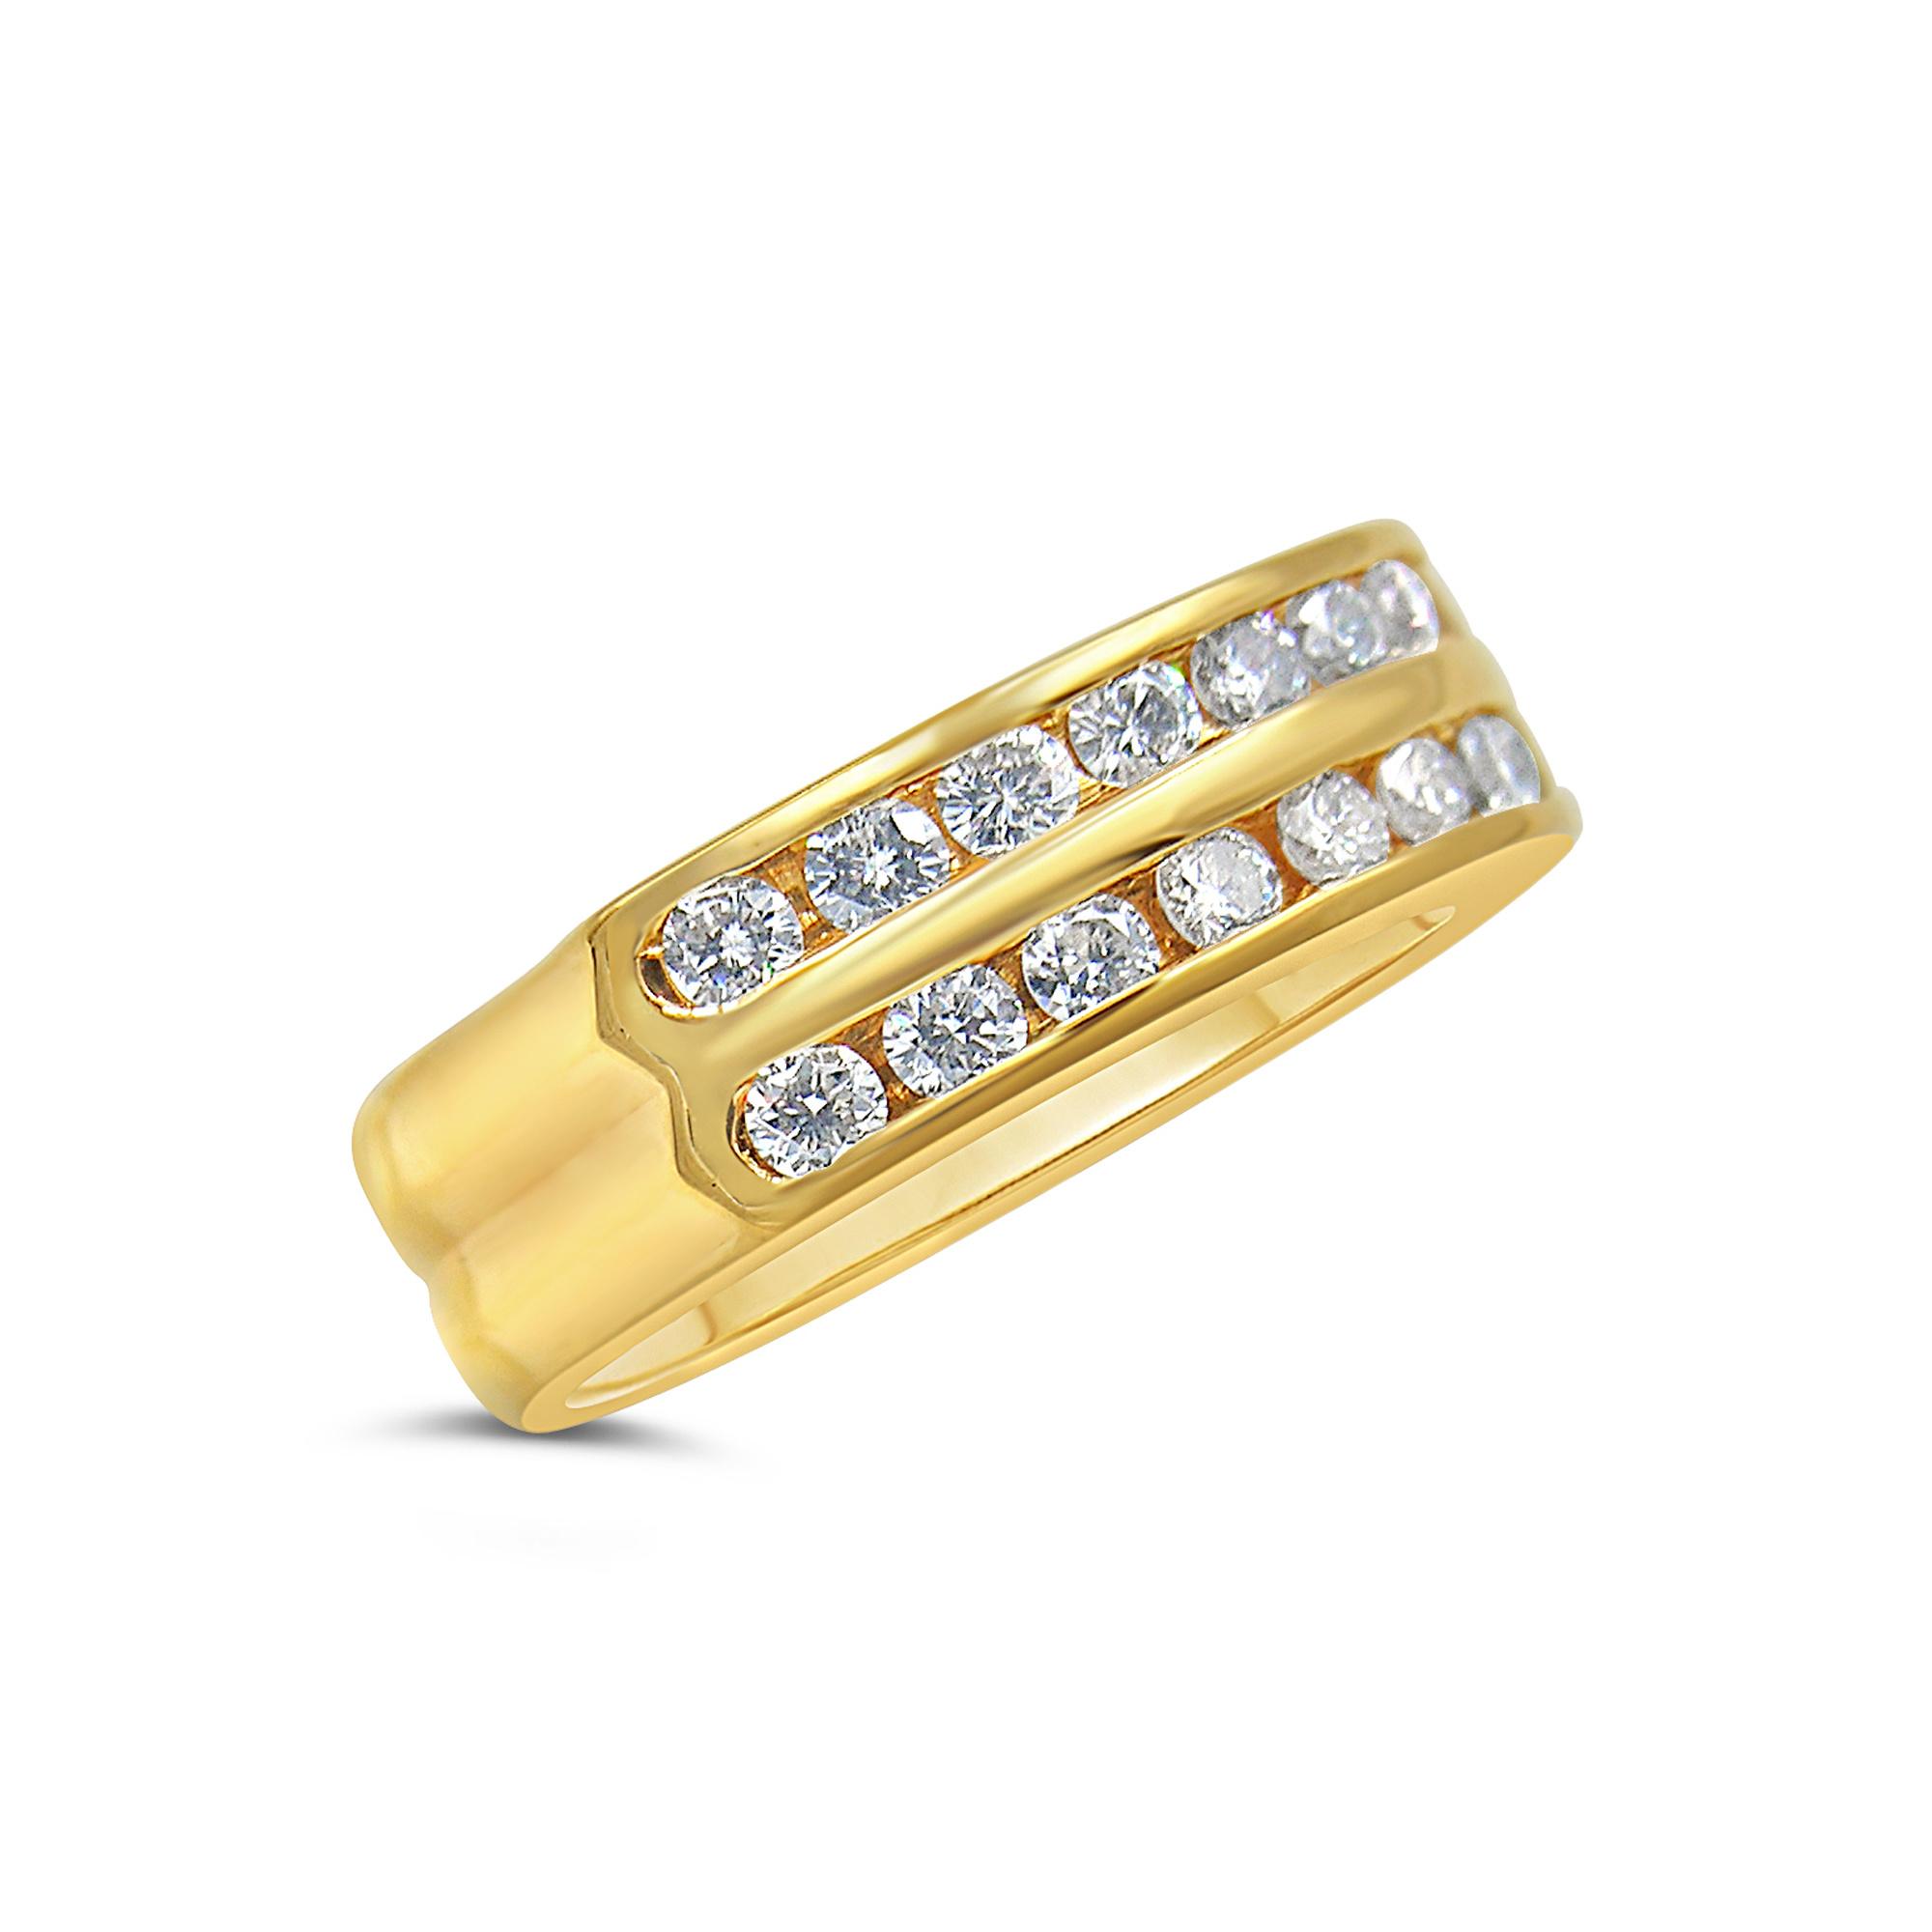 18k geel goud ring met 0.70 ct diamanten